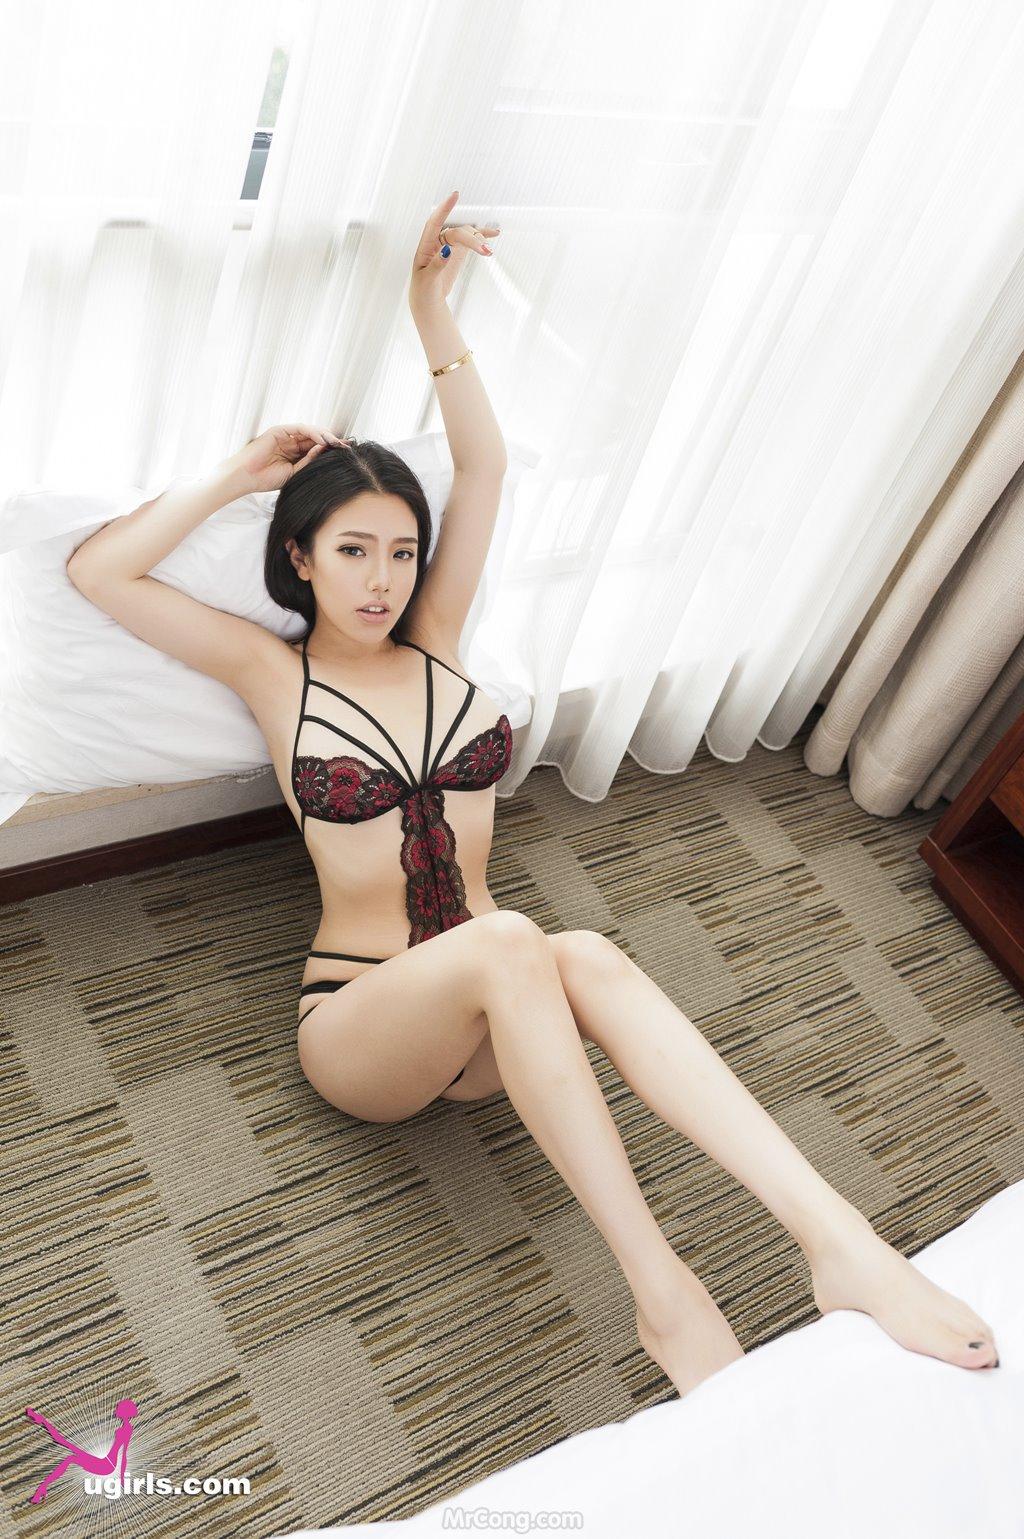 Image MrCong.com-UGIRLS-035-Ni-Xiao-Yao-002 in post Mê mẩn ngắm vòng một nở nang của người đẹp Ni Xiao Yao (妮小妖) trong bộ ảnh UGIRLS 035